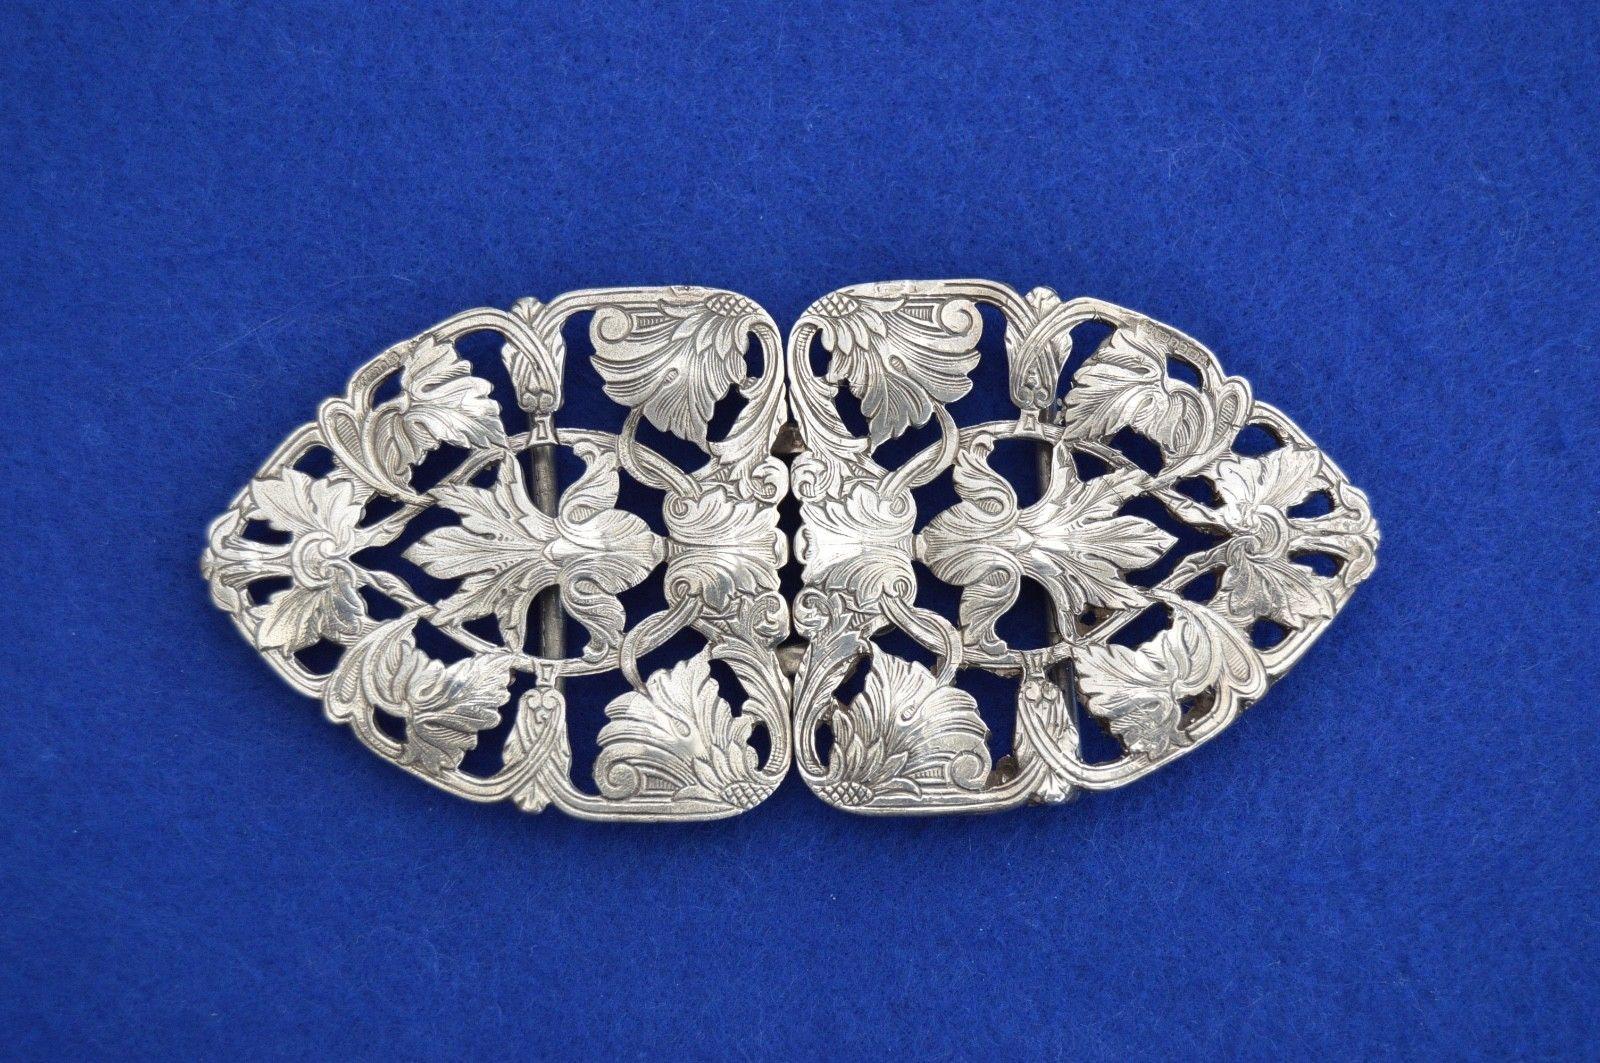 1d81ec872 Silver Nurses Belt Buckle London 1994